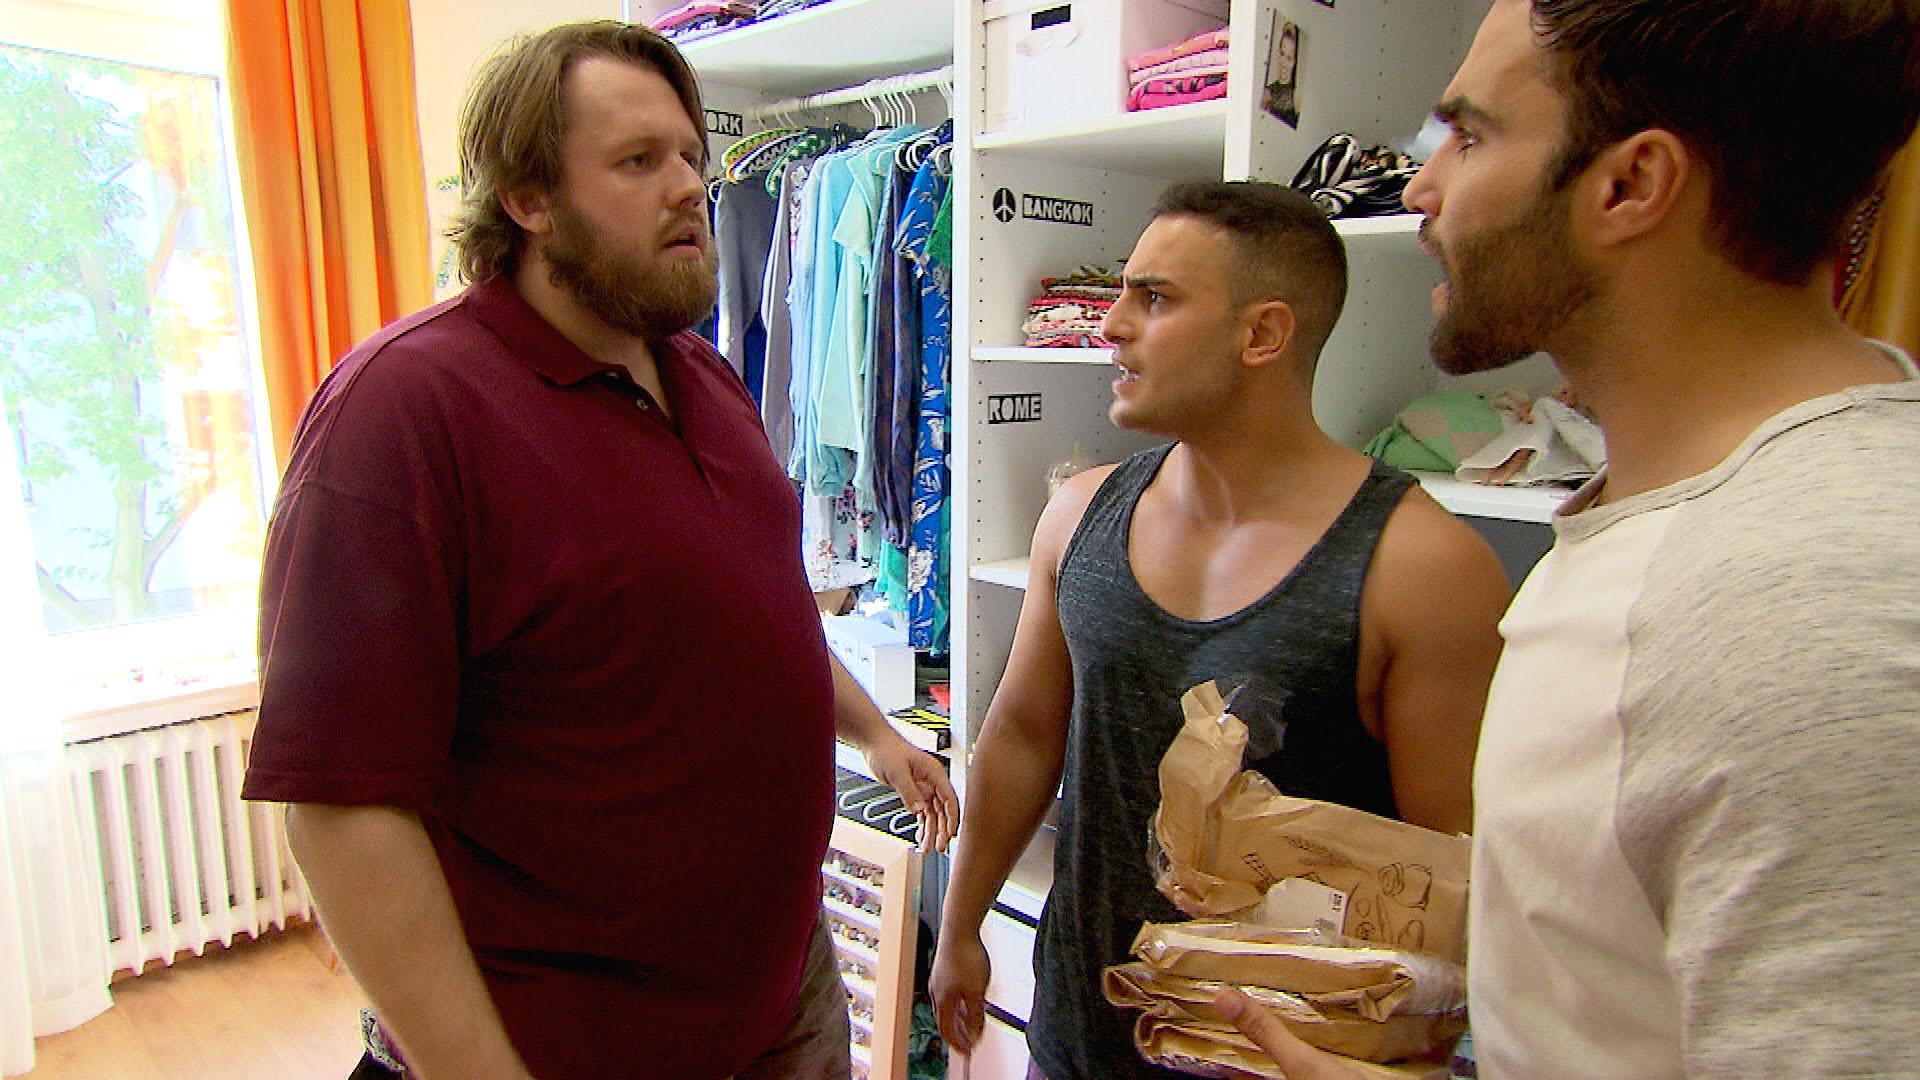 Cem,Mi., ist erschüttert, dass Jan,li. den Rest seines Lebensmutes verloren hat Diego,re. (Quelle: RTL 2)